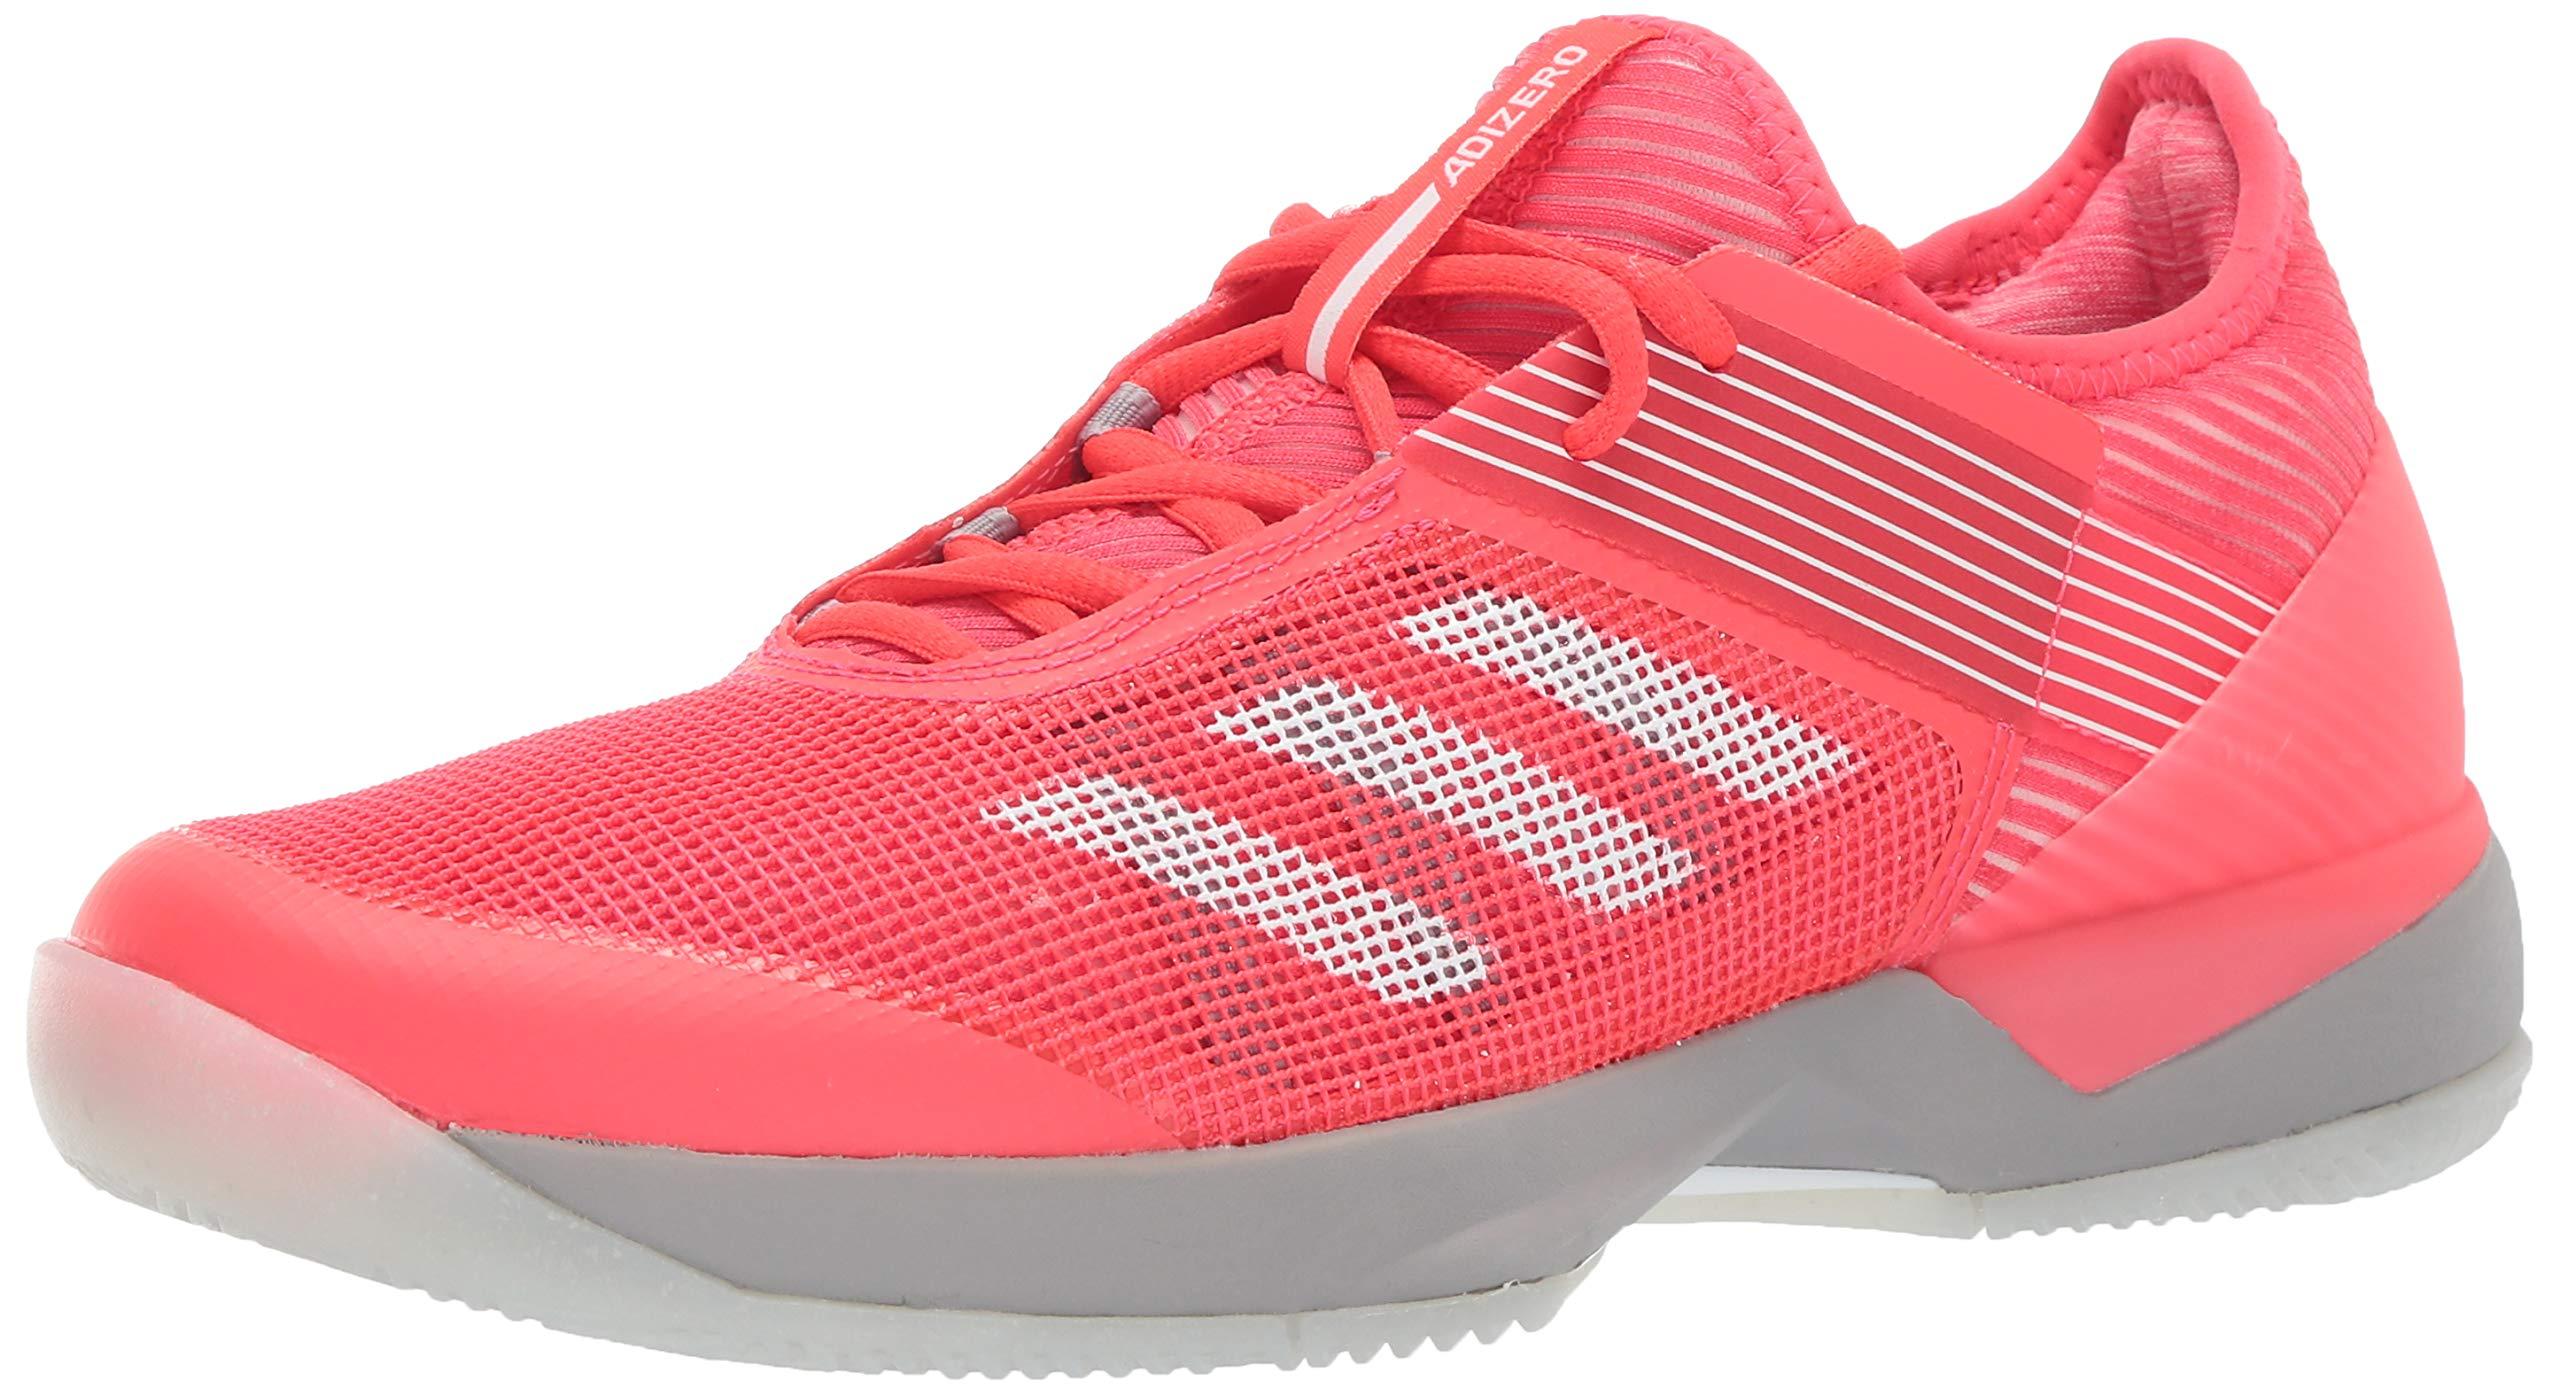 adidas Women's Adizero Ubersonic 3, Shock red/White/Light Granite, 5 M US